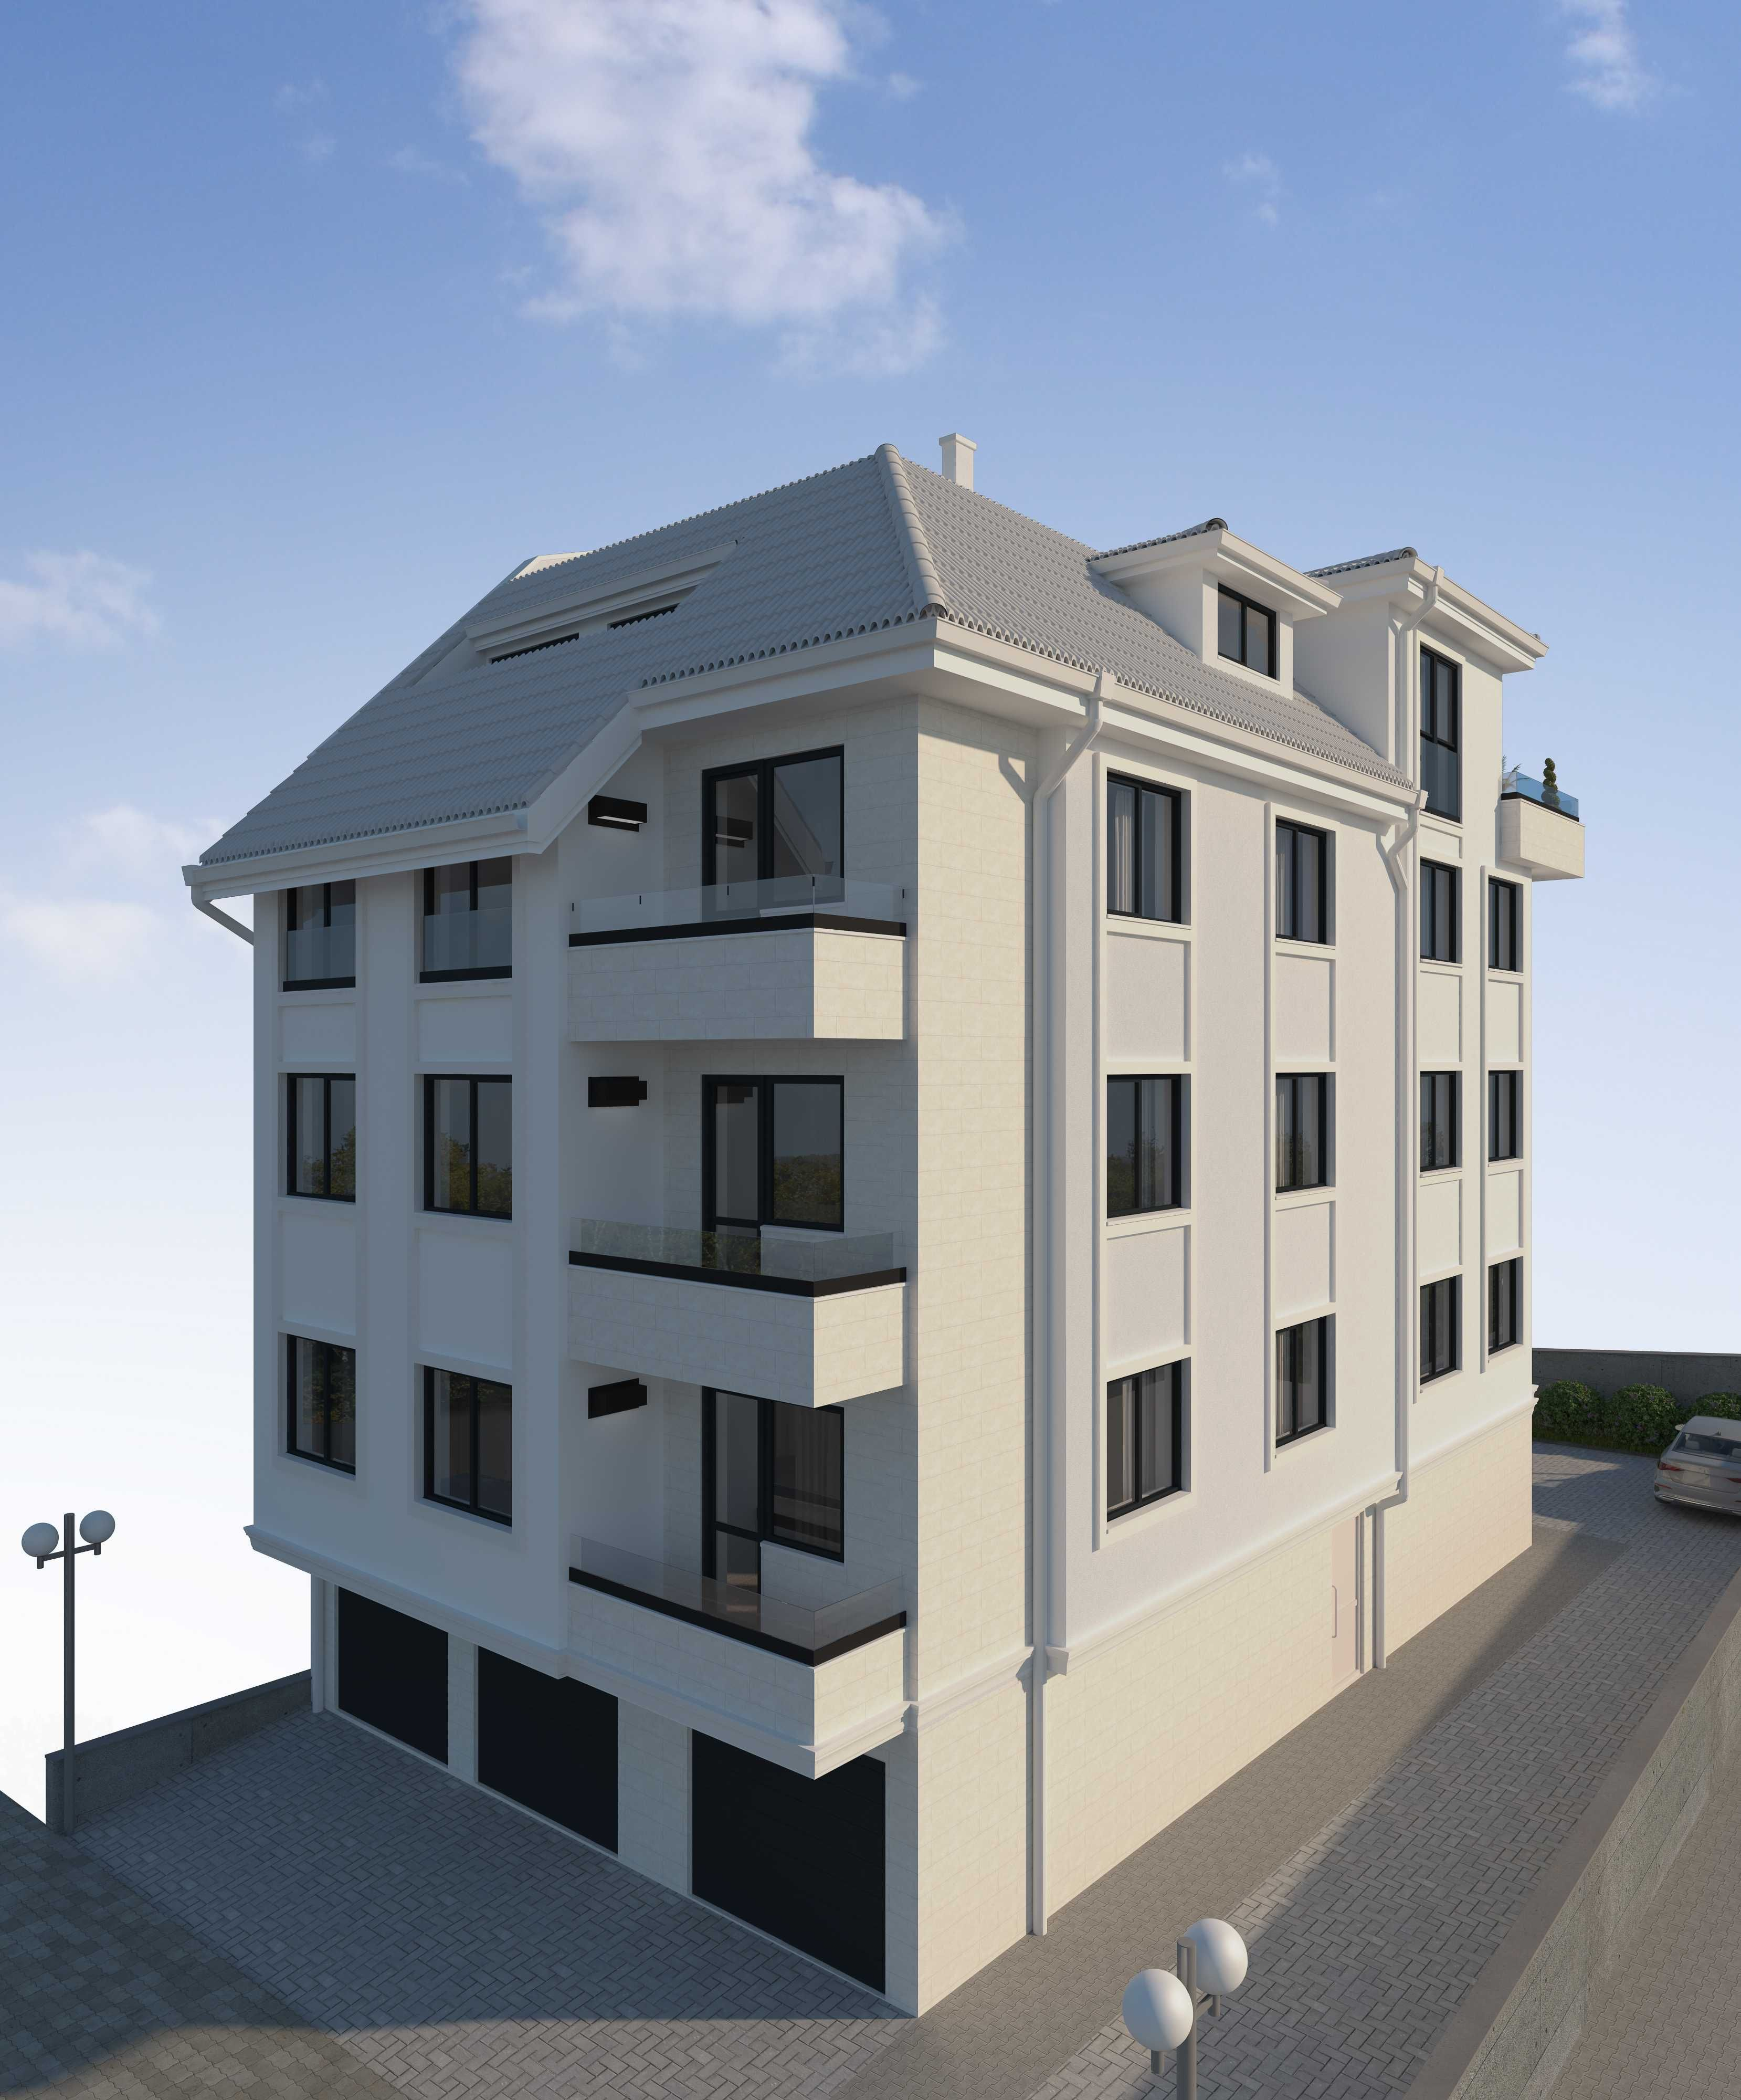 Ново строителство! 3-СТАЕН! Апартаменти за инвестиция!